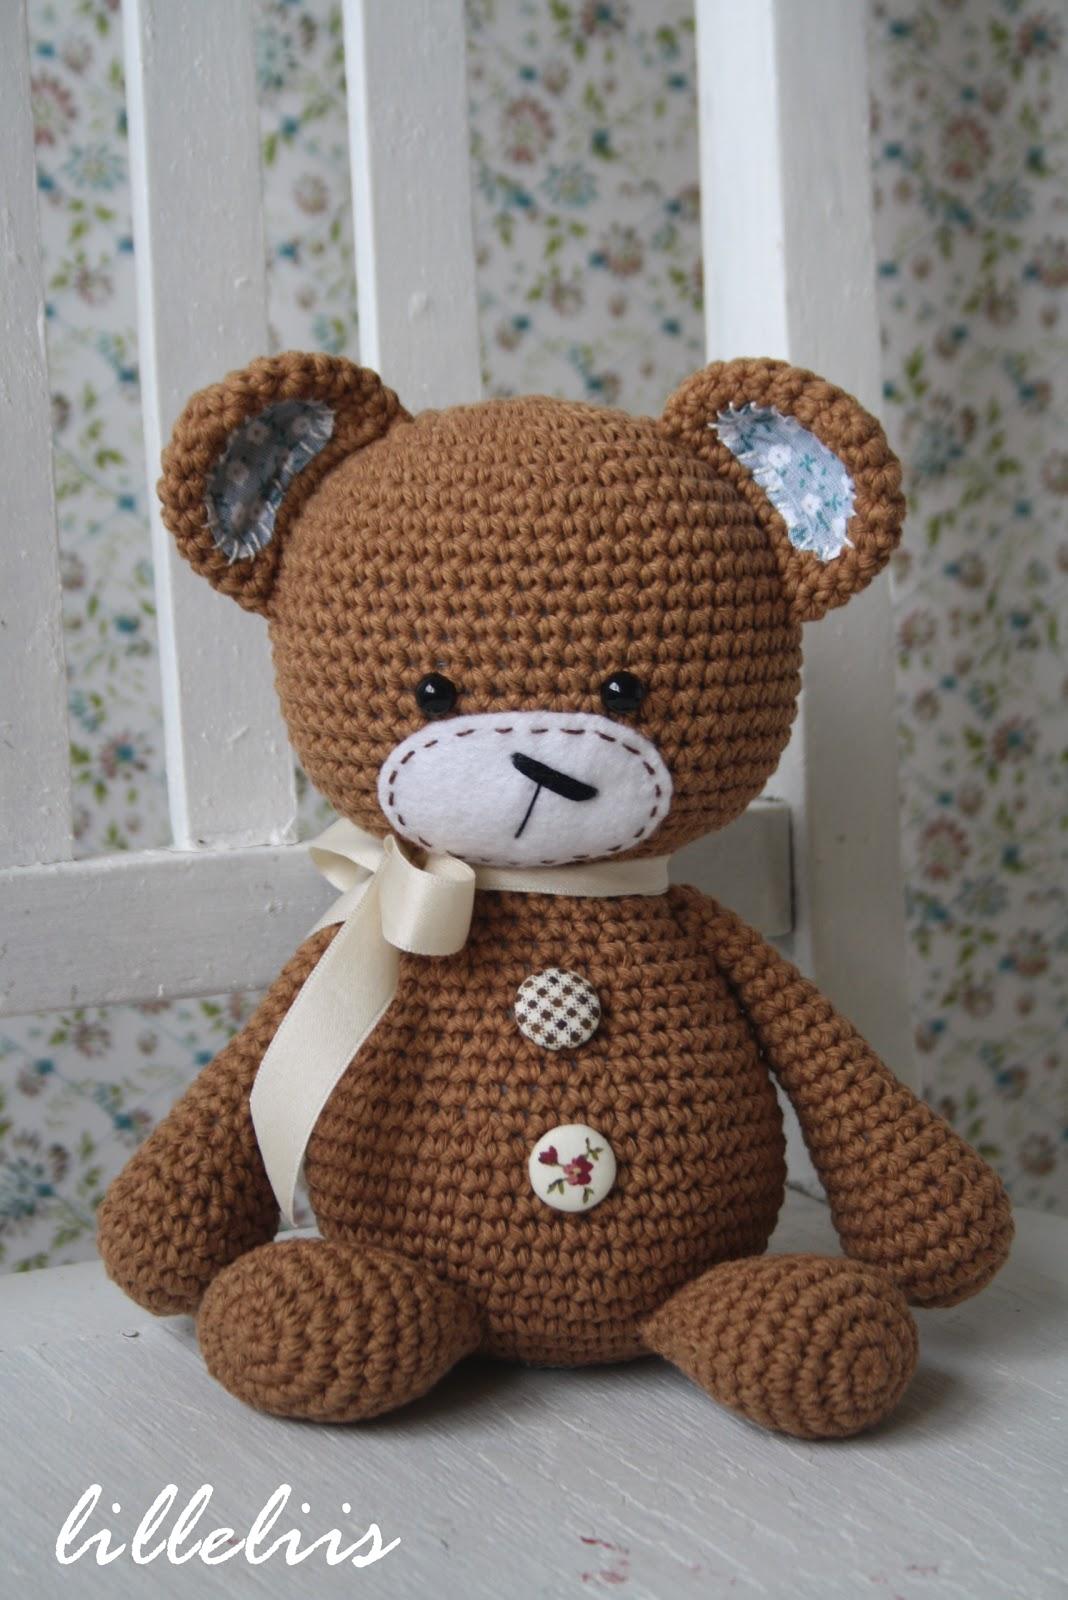 lilleliis.blogspot.com: Muhe-M?mm/Smugly-bear